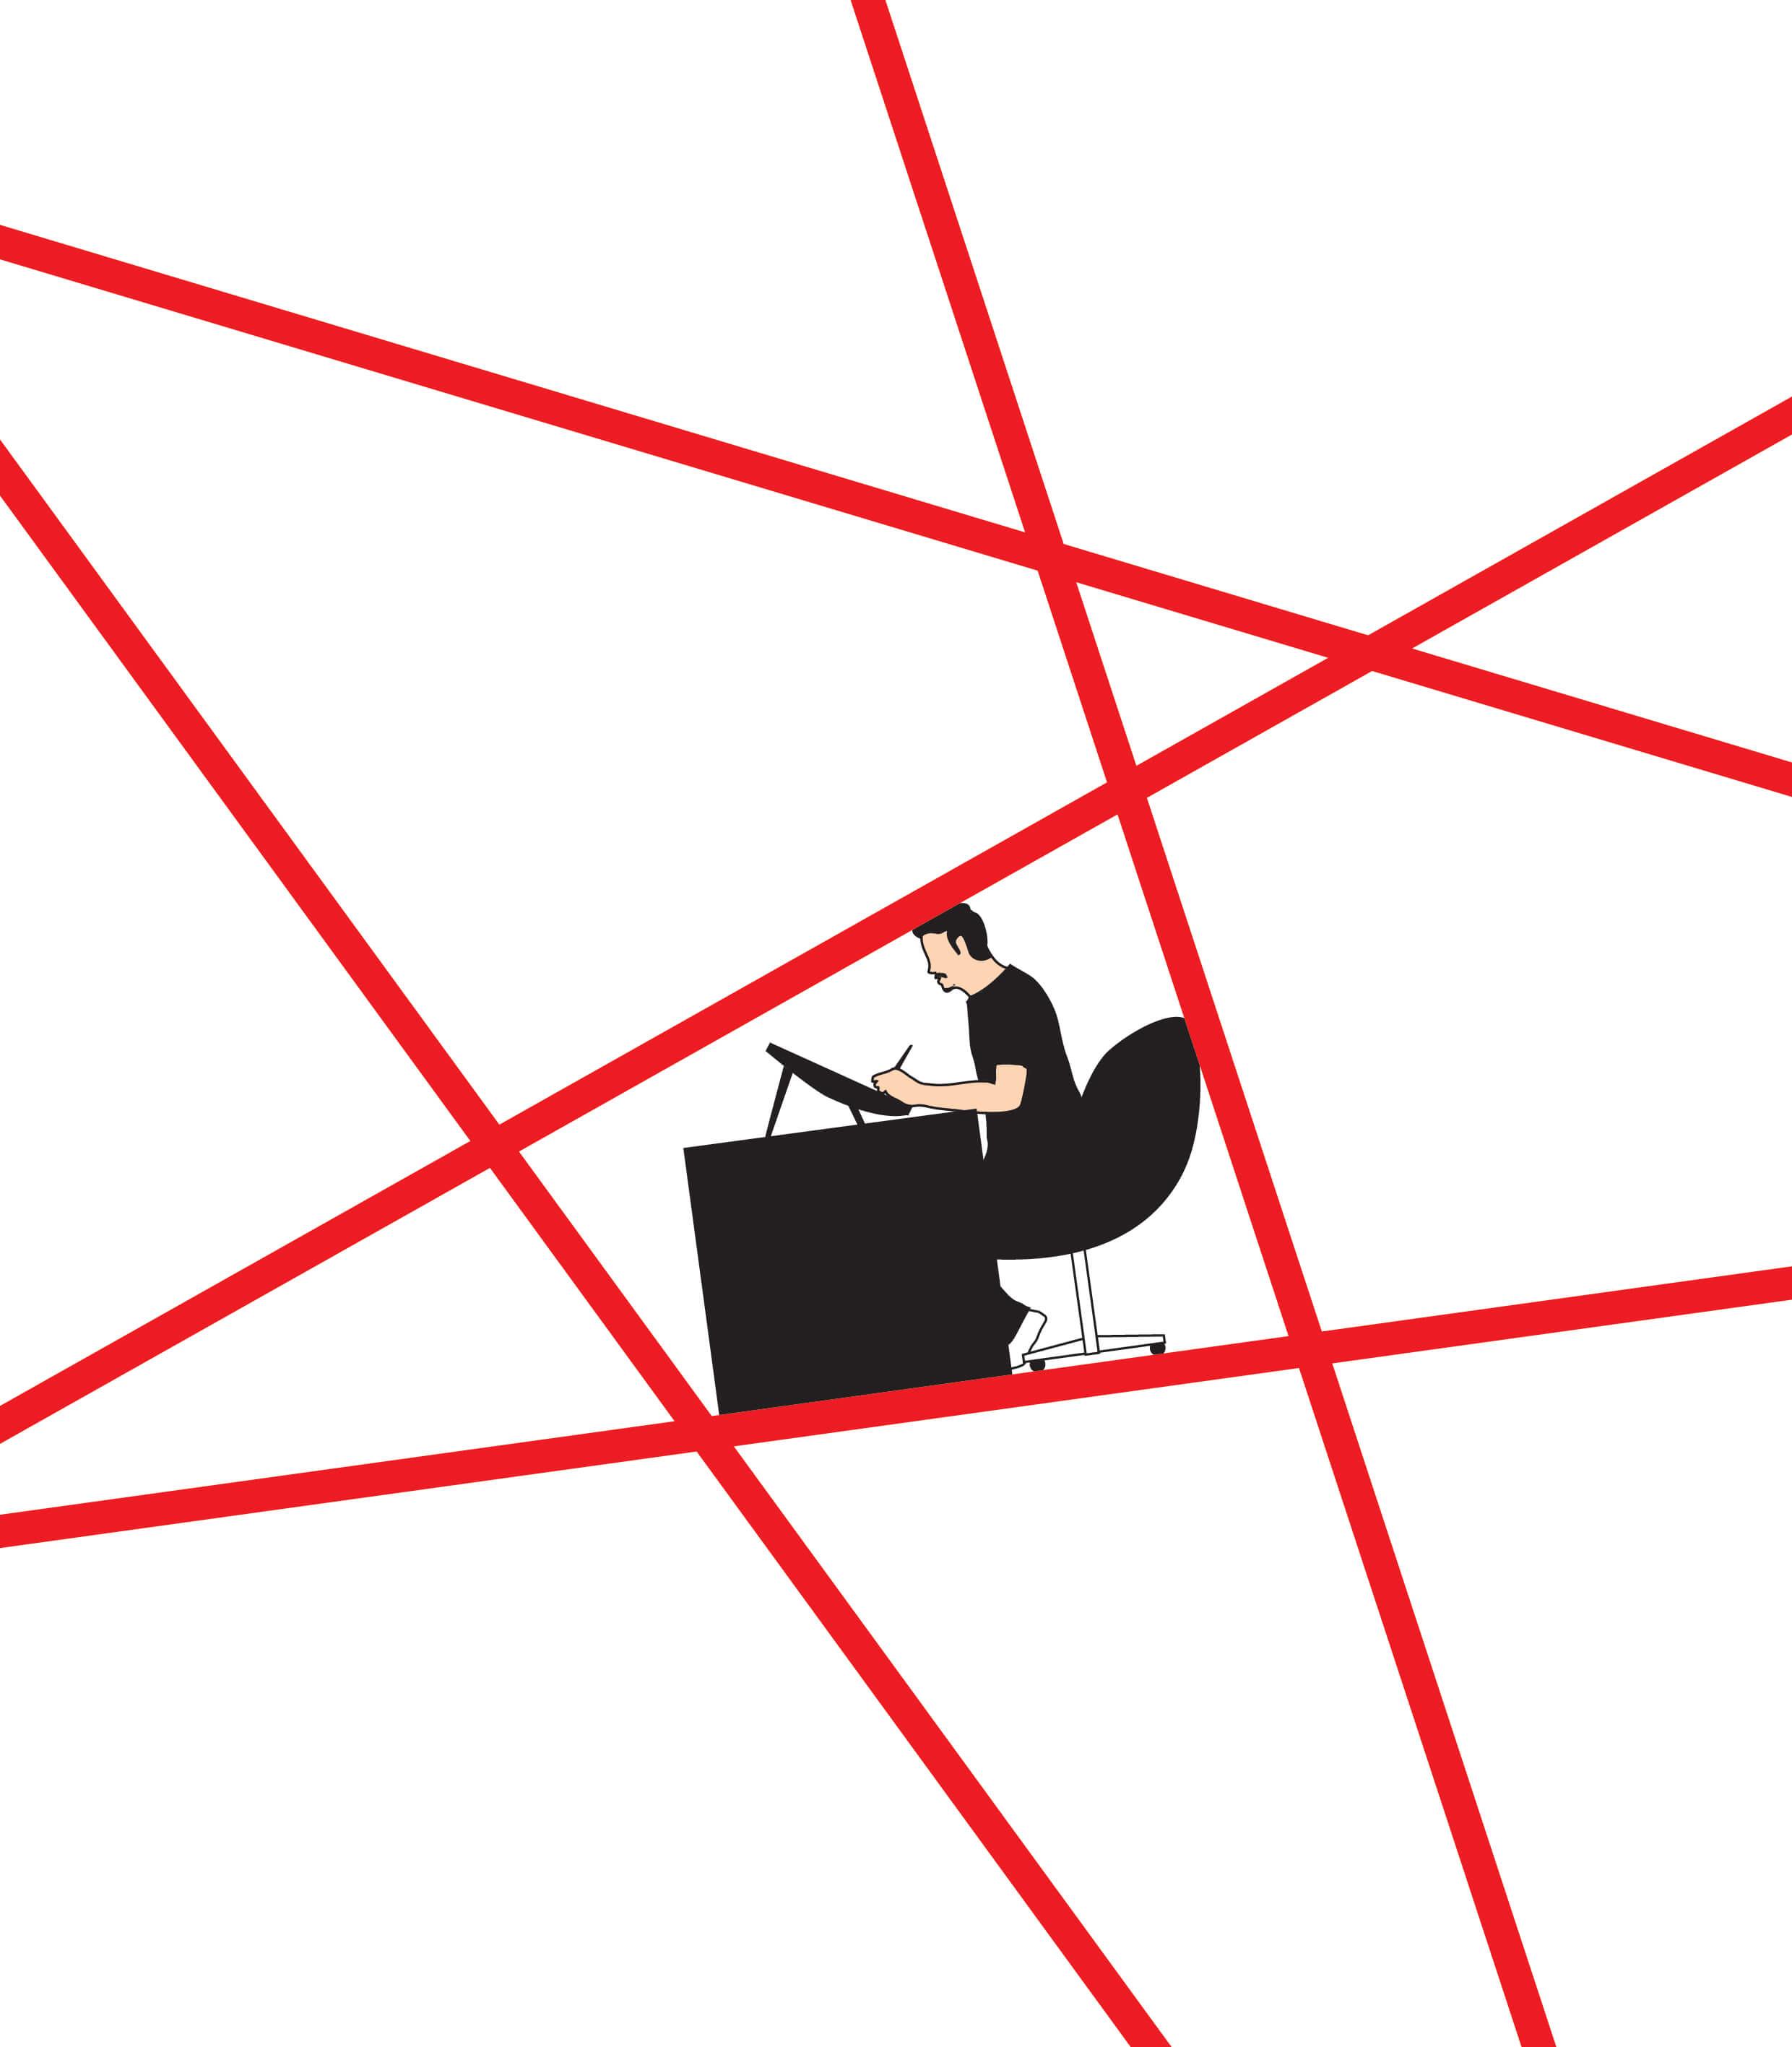 黃照達認為最大的恐懼是中共無形的紅線包圍創作人,而且紅線還不斷增加。